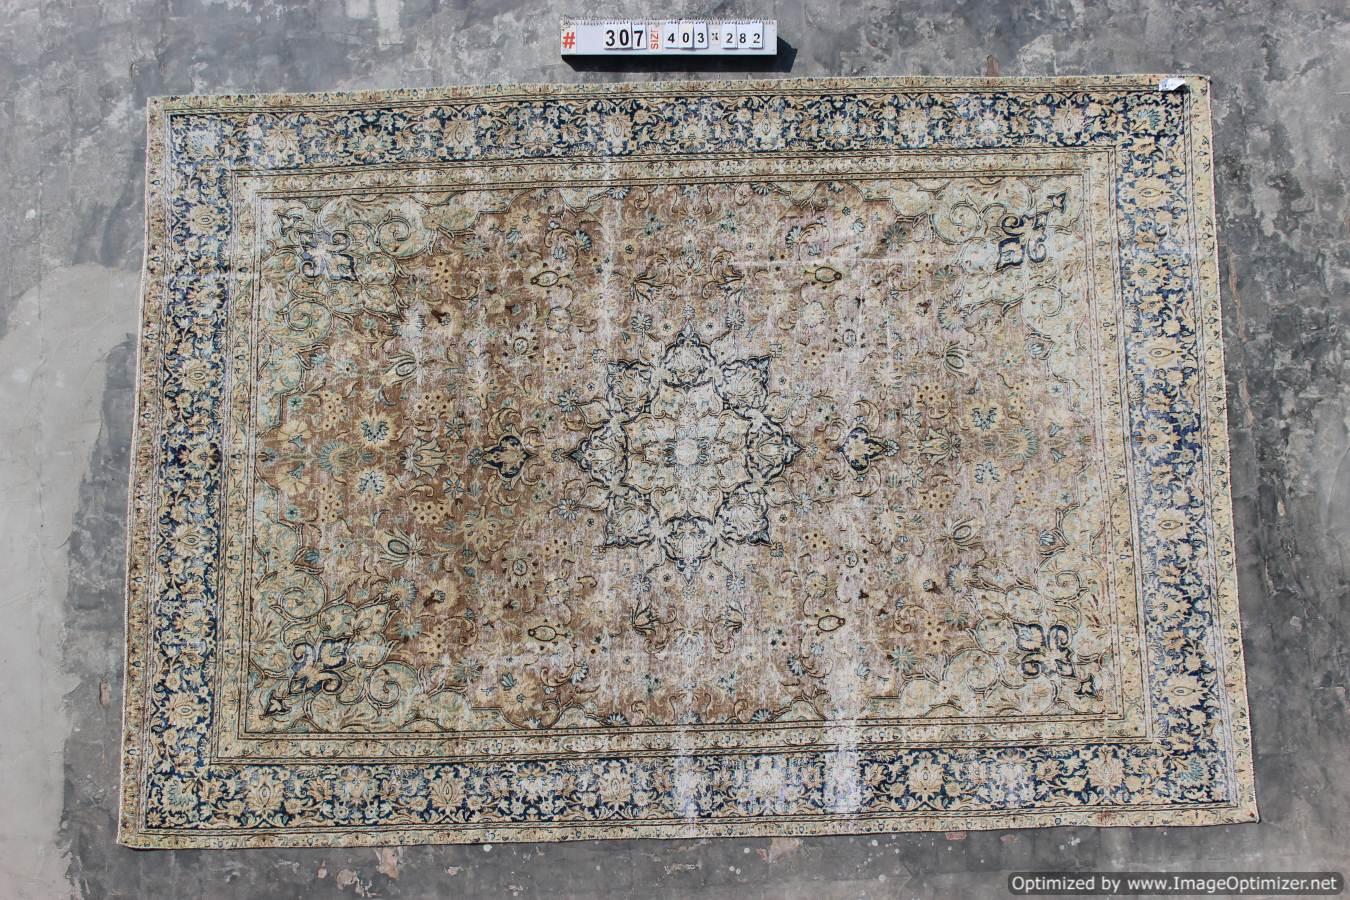 Recoloured klassiek vloerkleed nr 307 (403cm x 282cm) VERKOCHT